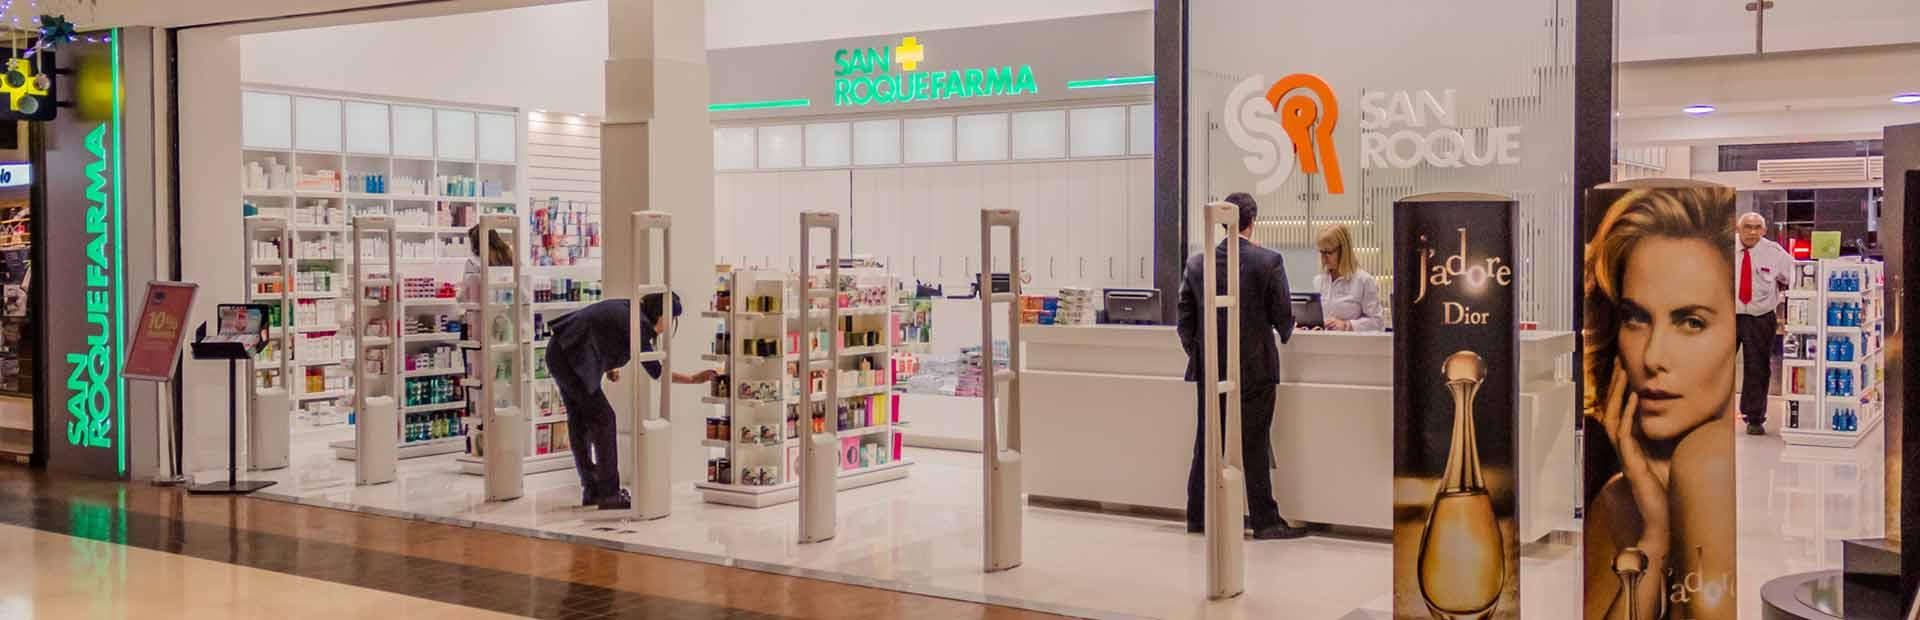 bef619b452c Onde comprar perfumes em Montevidéu  Farmácia San Roque